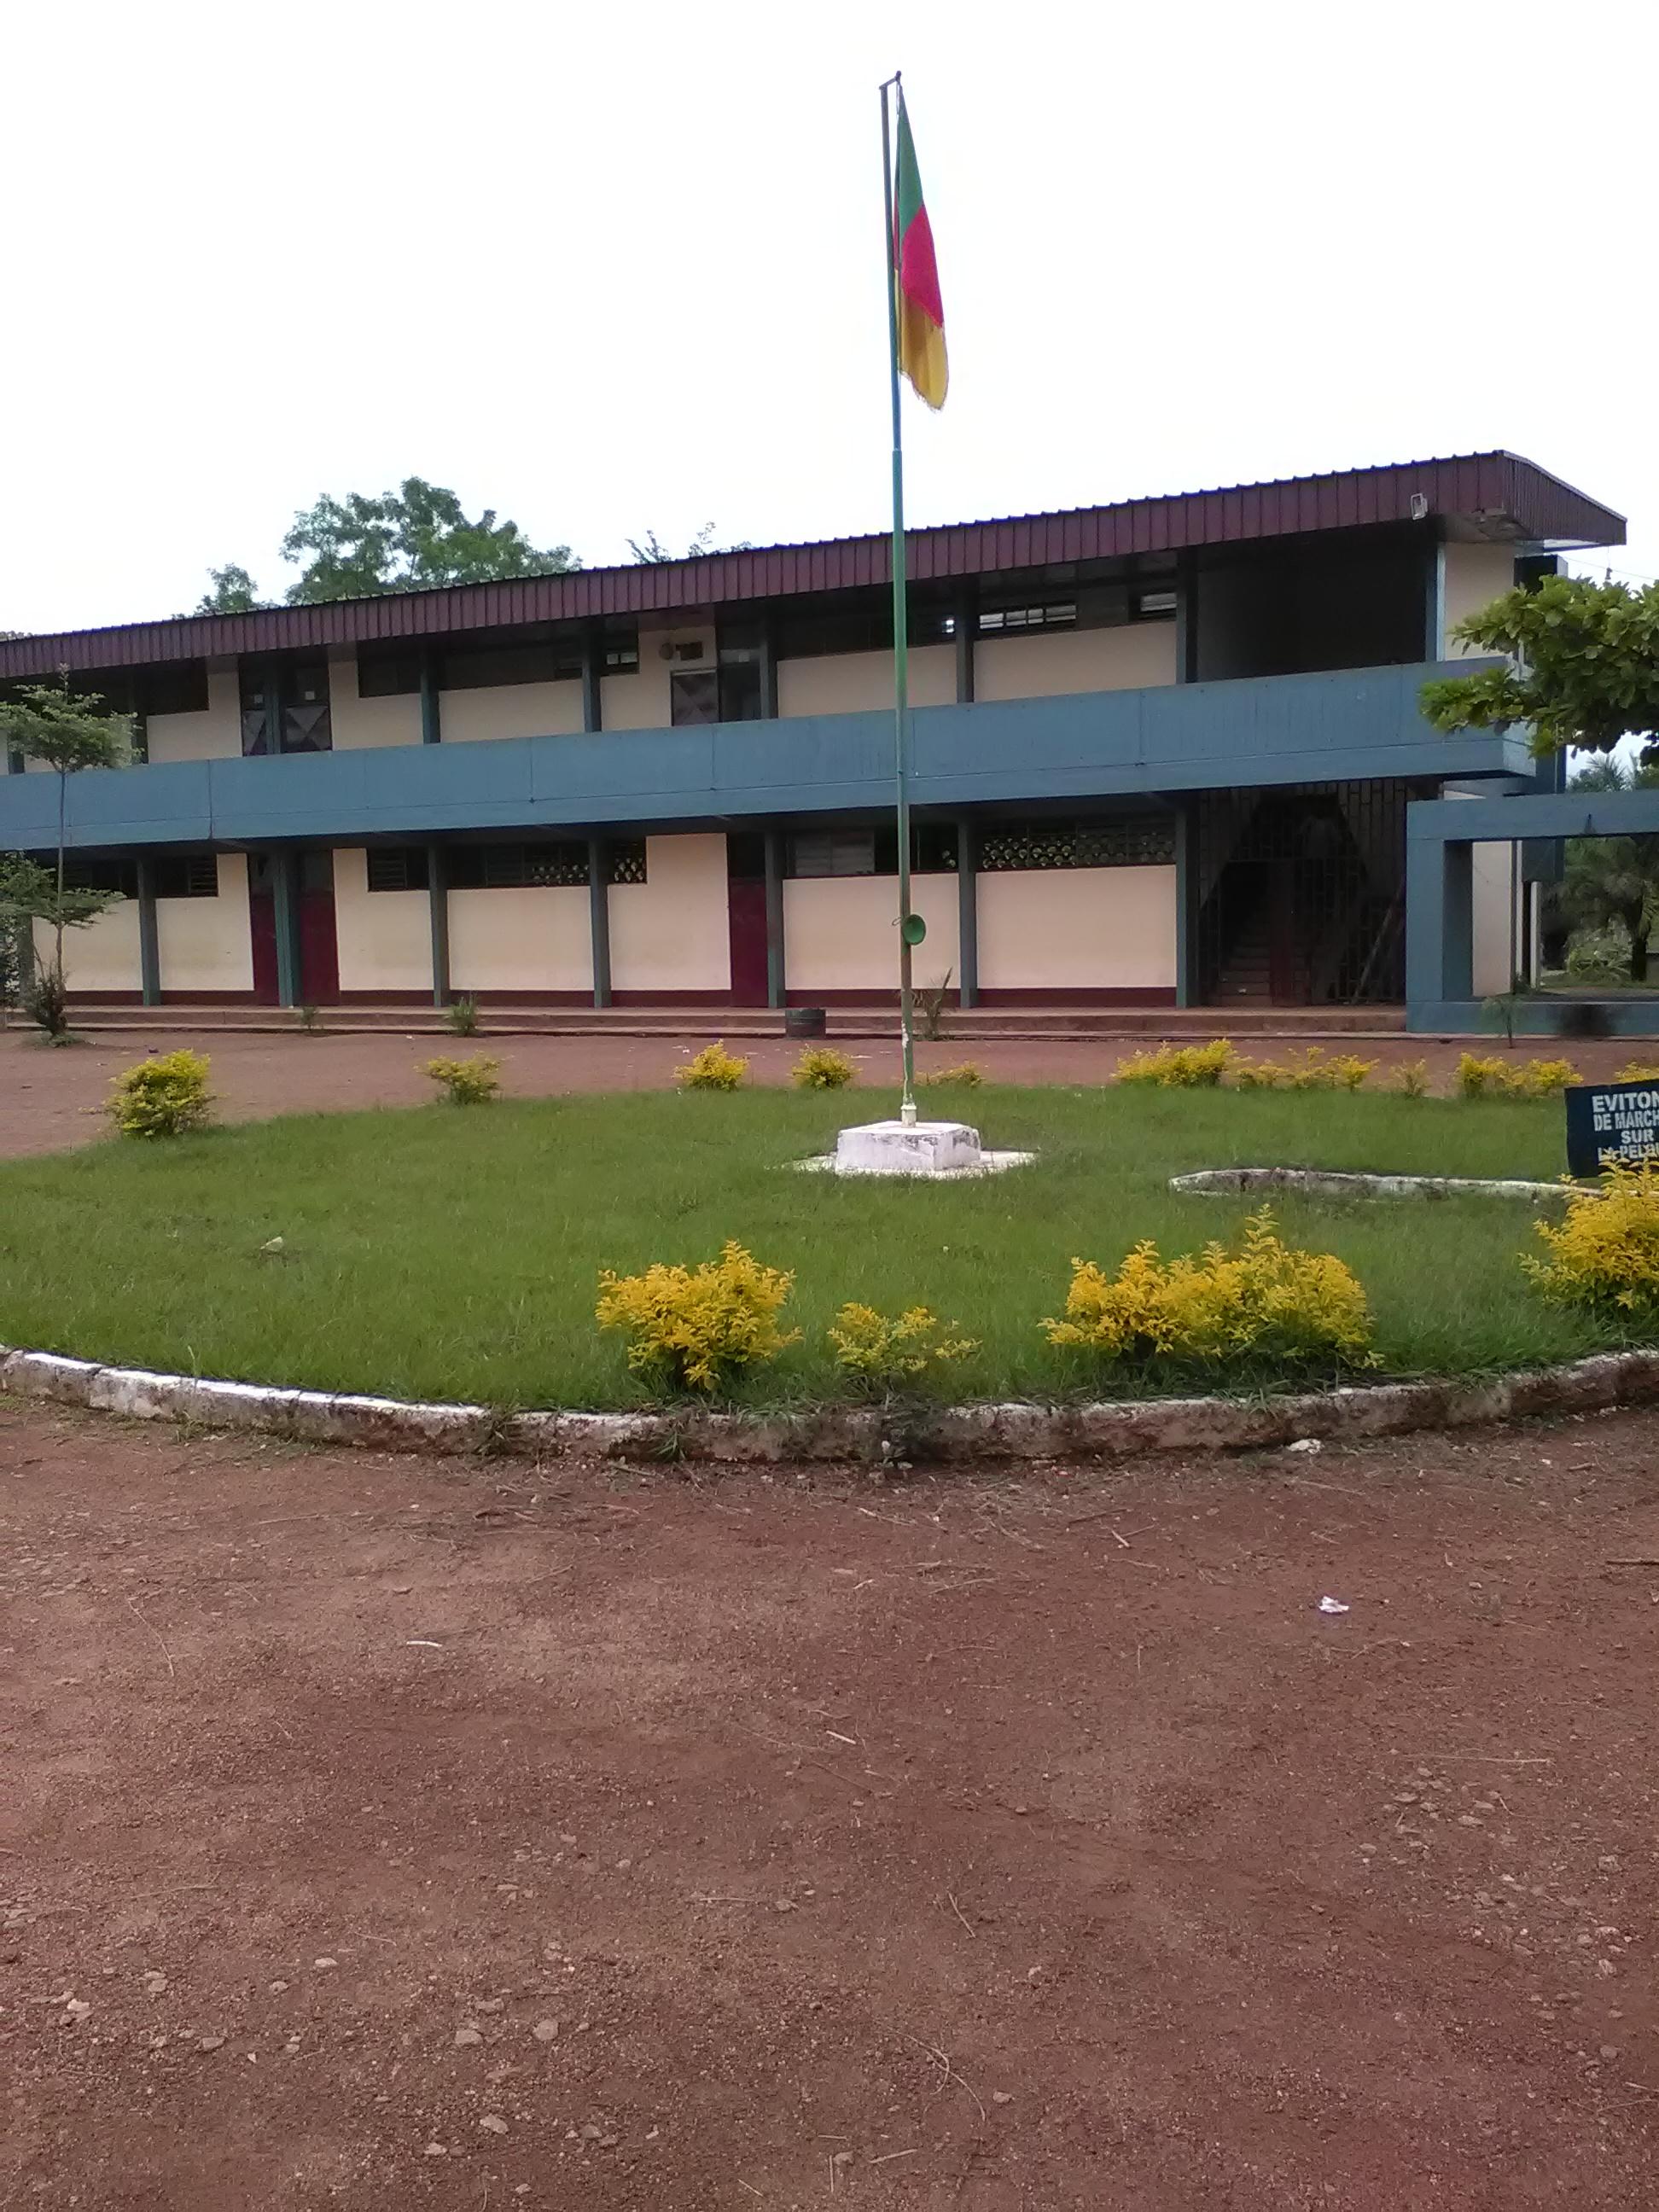 File:Lycée Classique et Moderne de Bafia.jpg - Wikimedia Commons